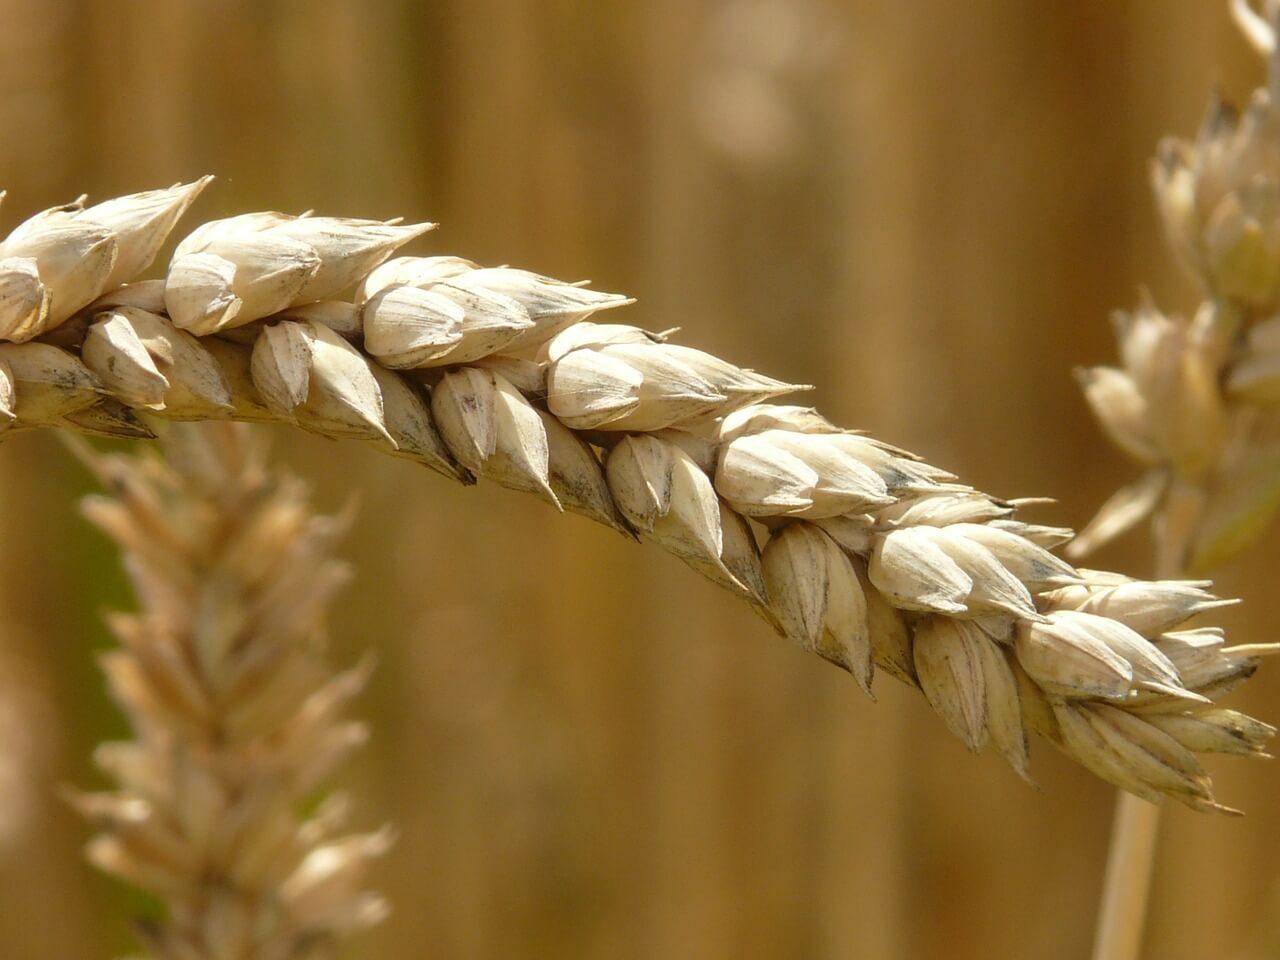 Rusya Buğday İhracatındaki Sıfır Gümrük Uygulamasını Devam Ettirme Kararı Aldı